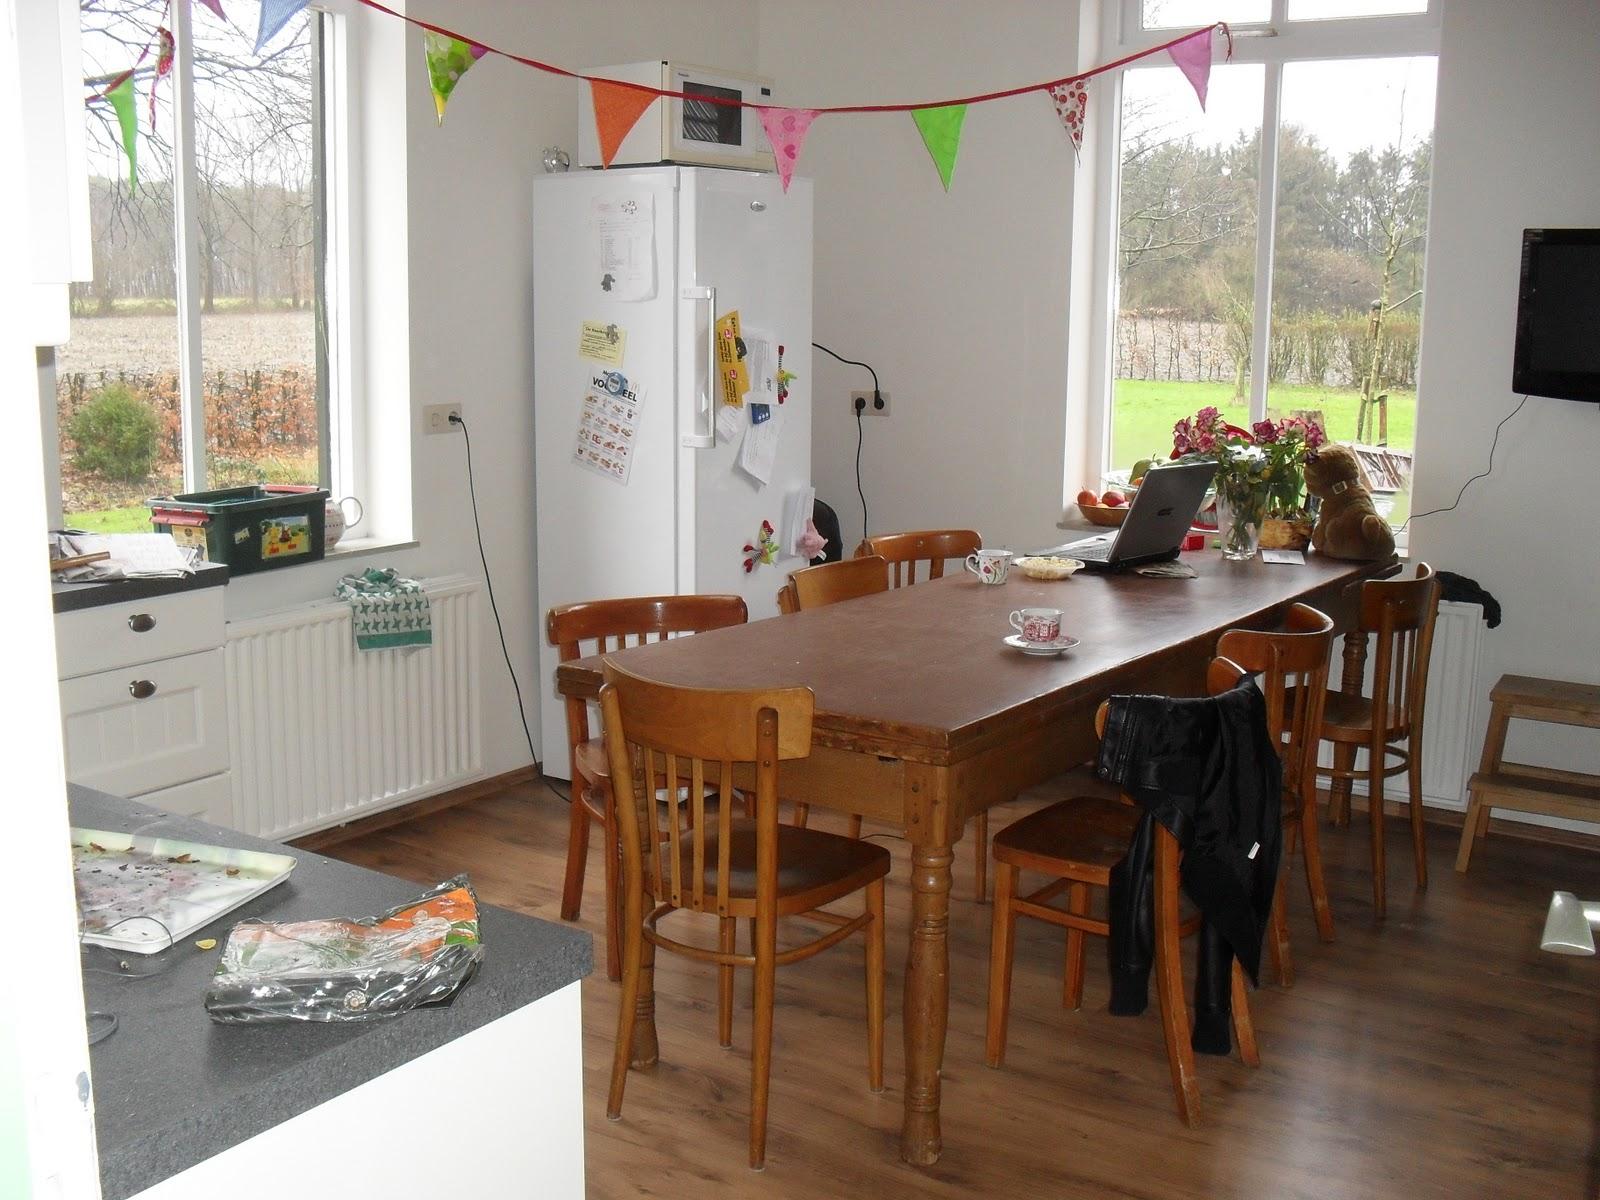 Open keuken versus aparte keuken - Huisvlijt